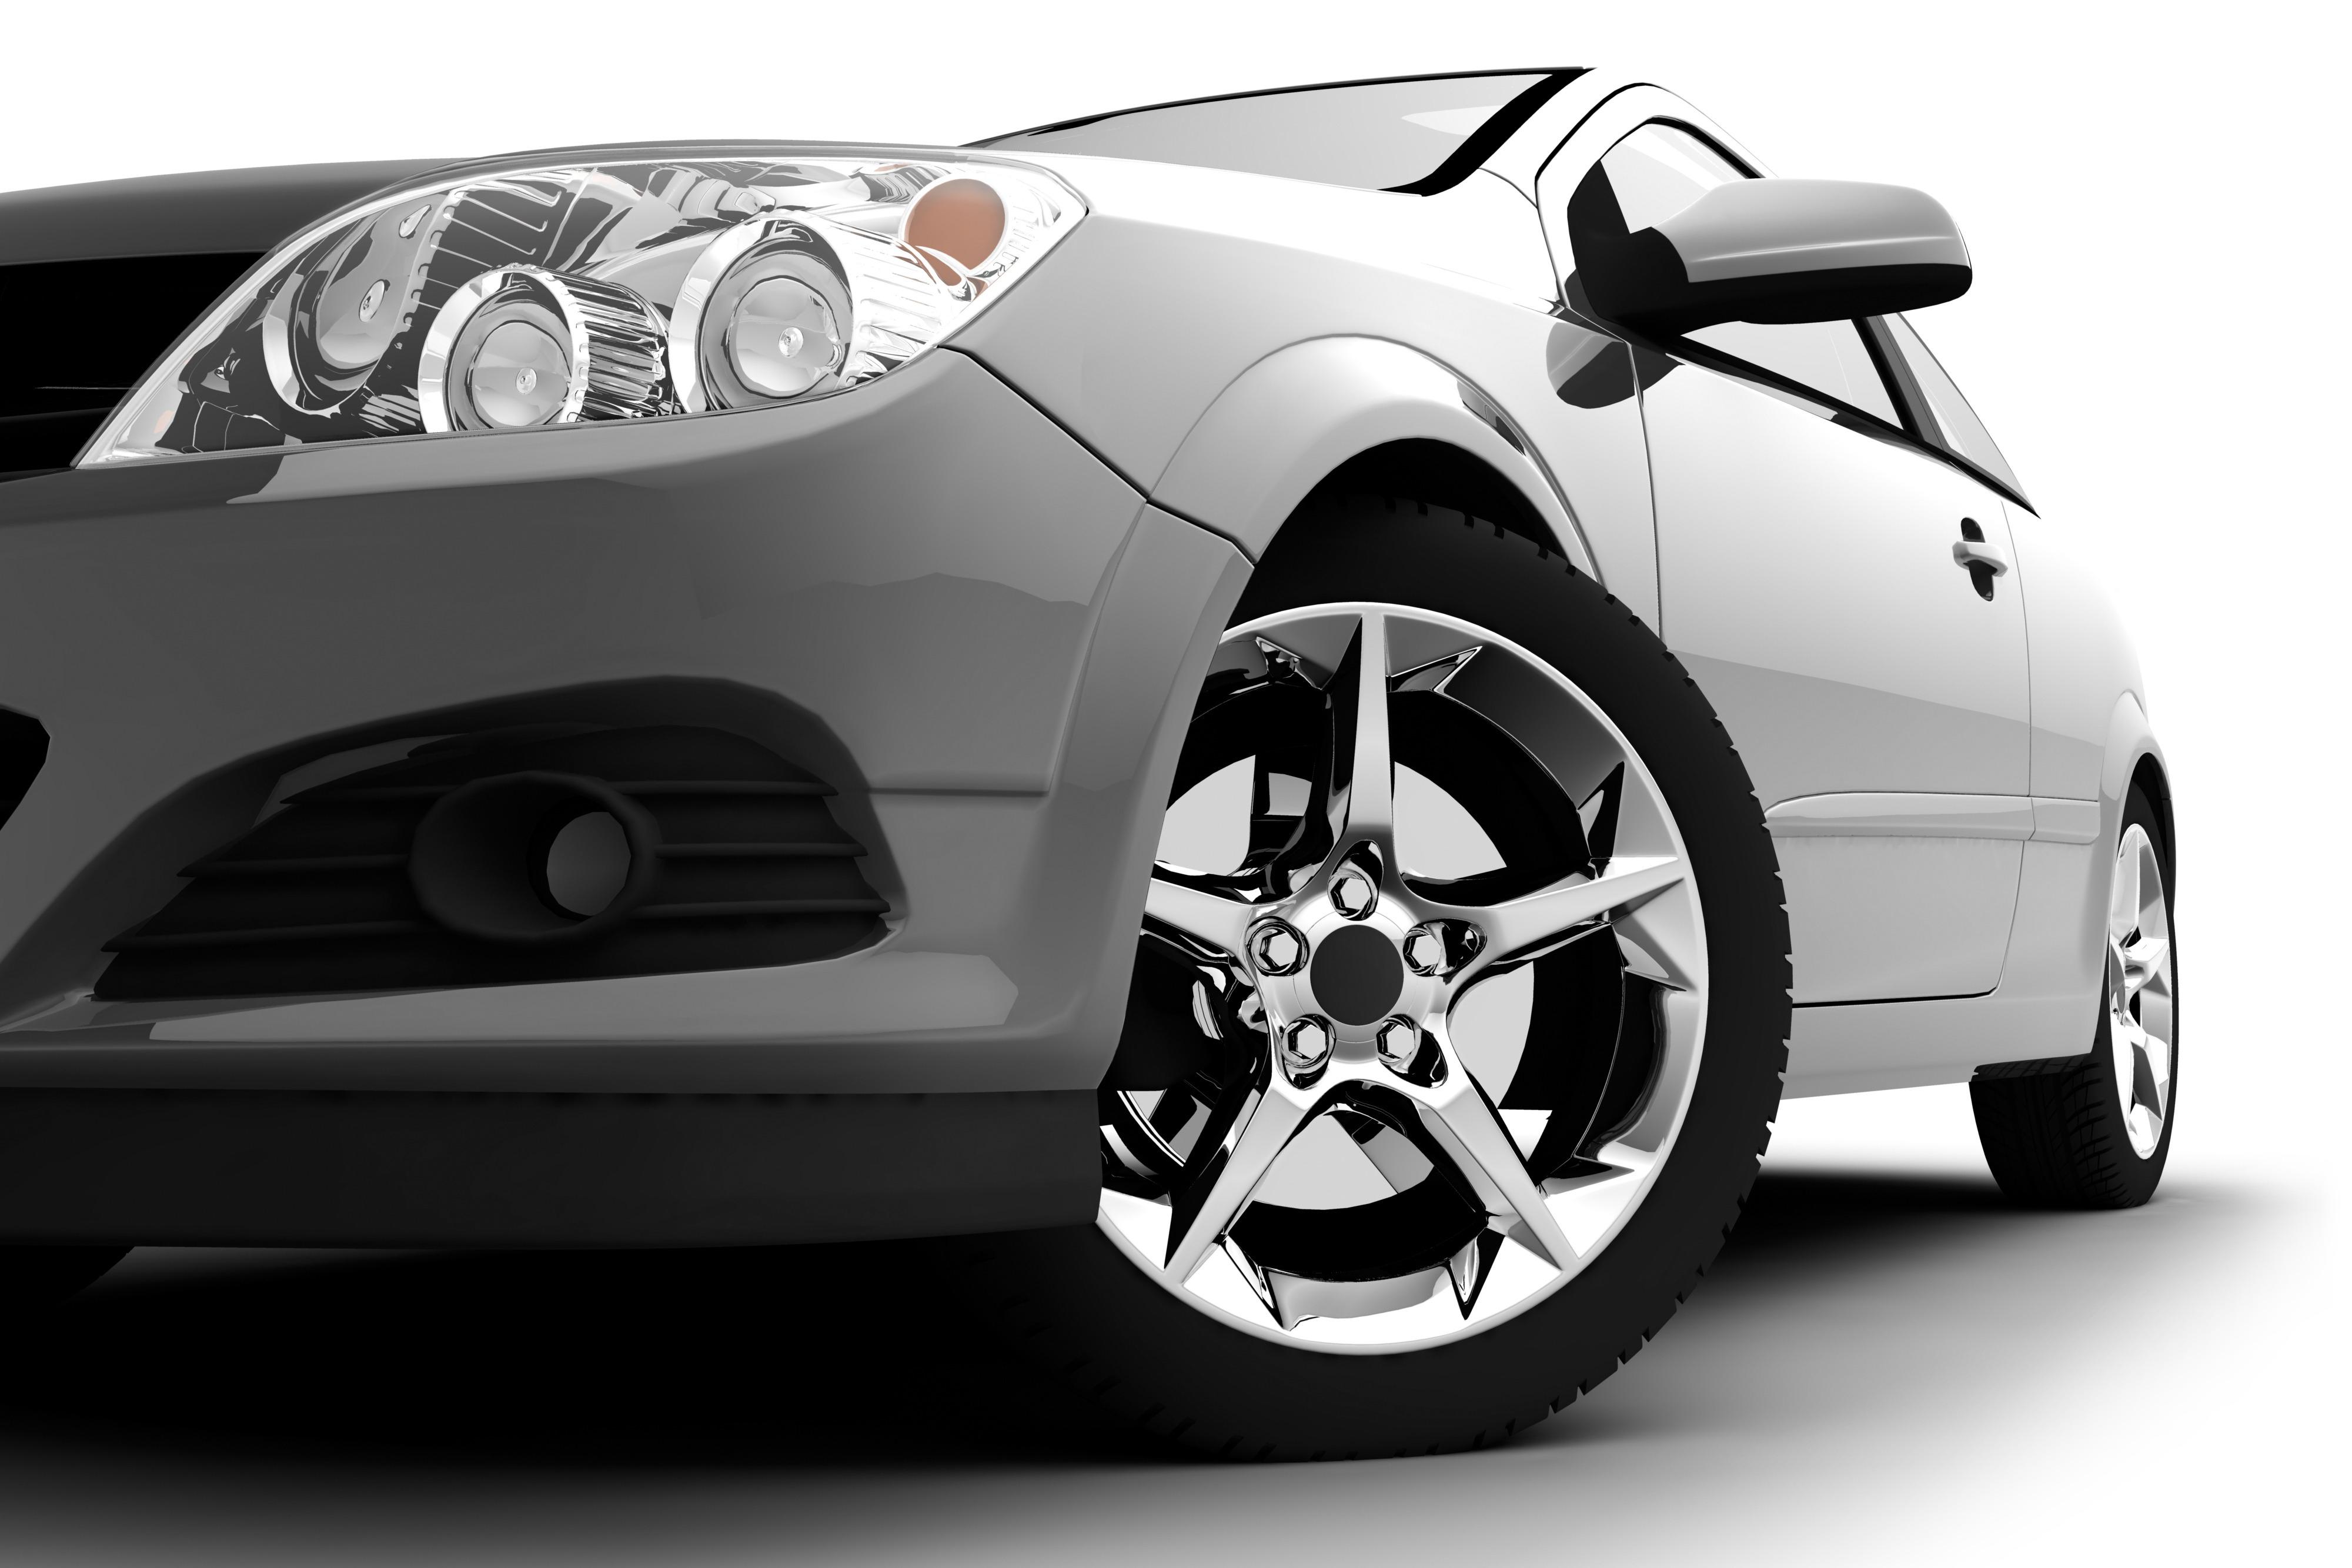 acheter une voiture sportive avec  budget limite